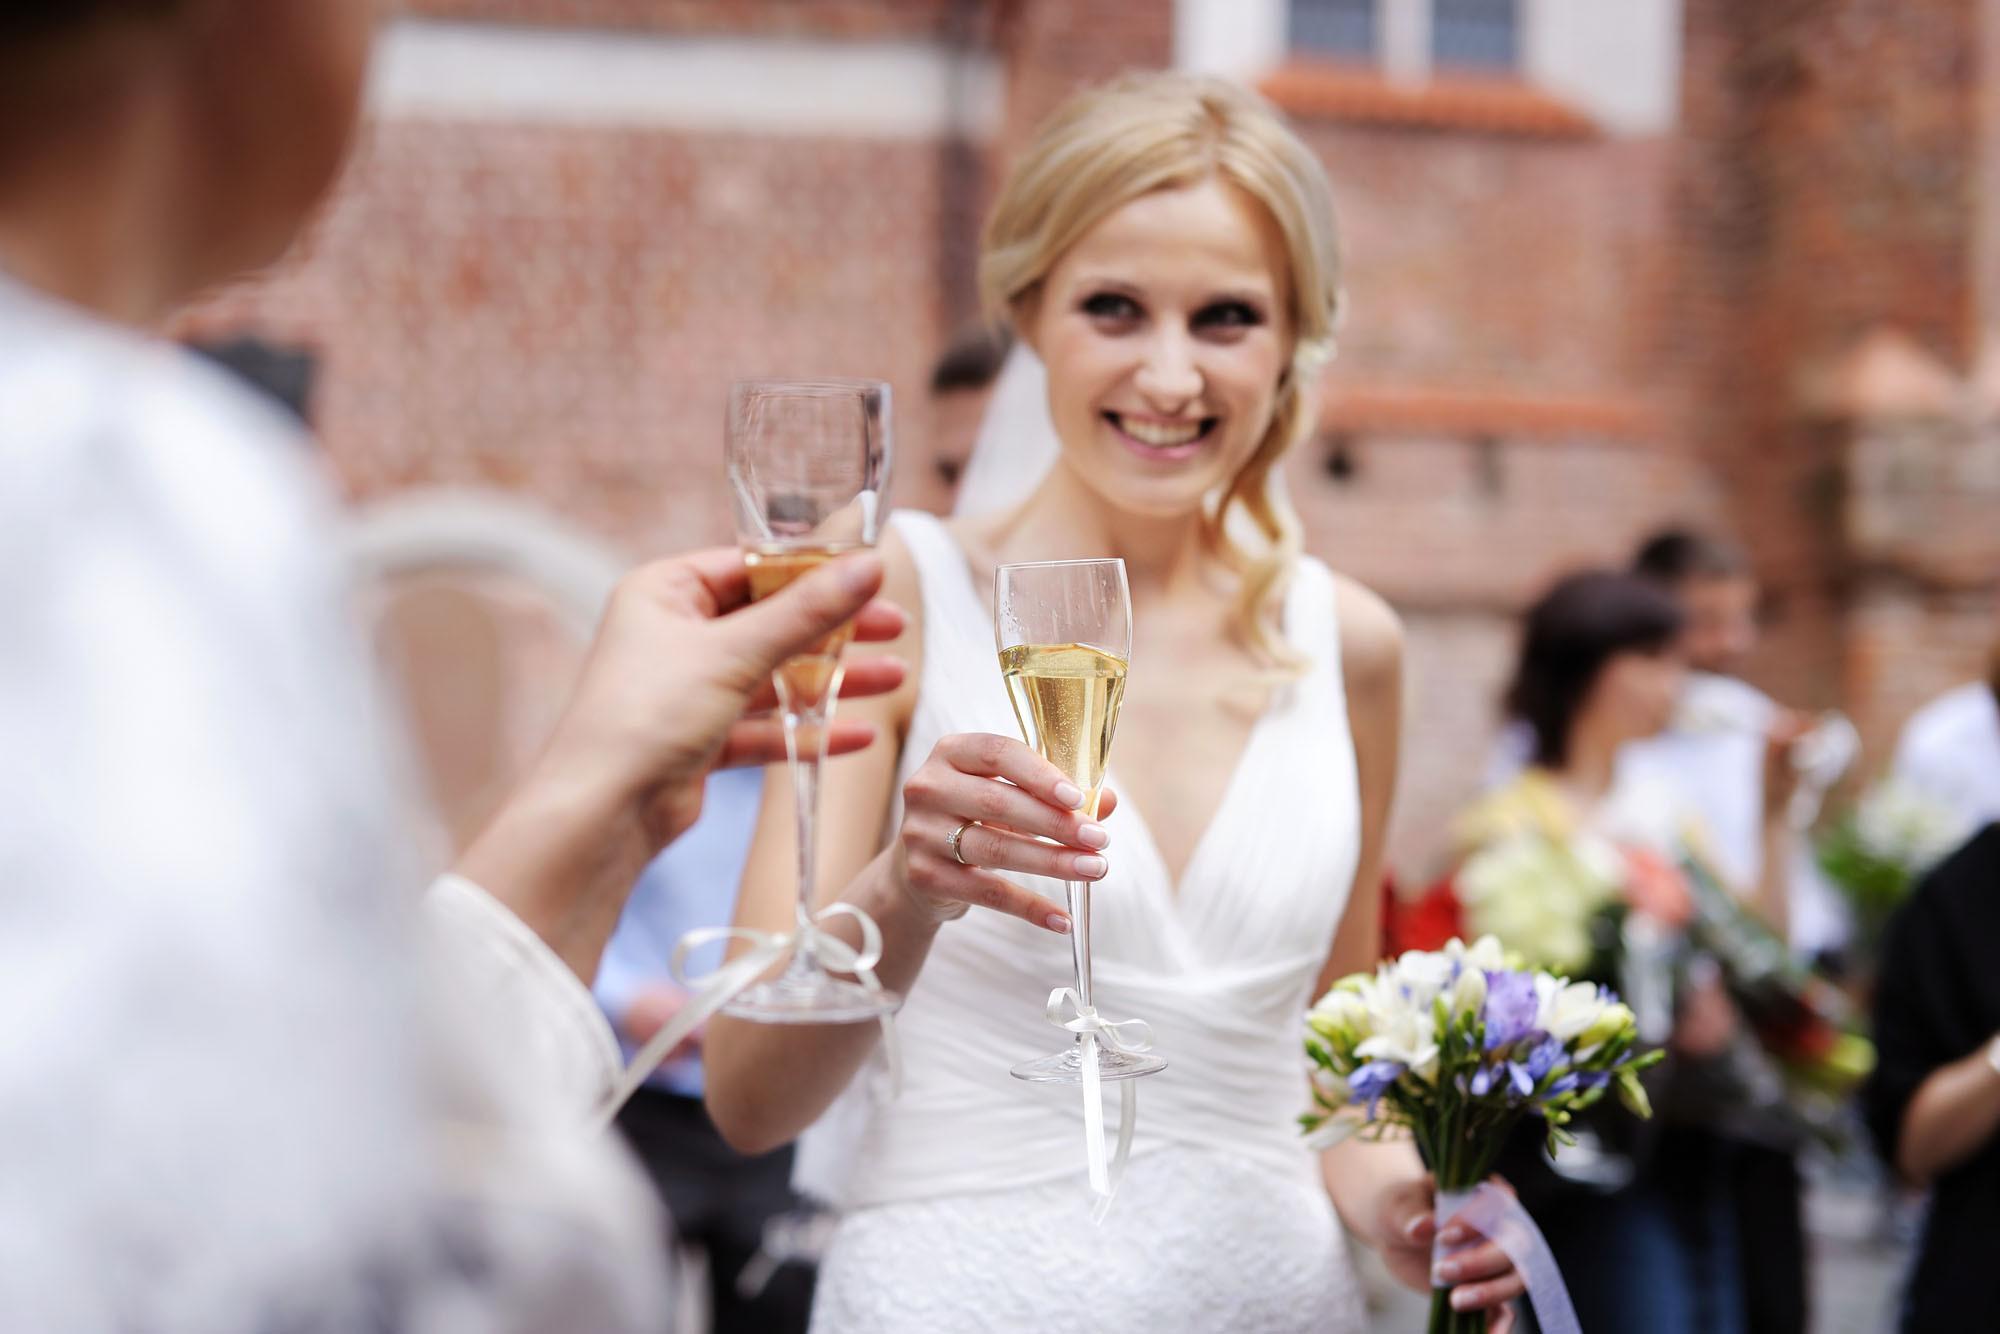 Тост на свадьбу картинки, картинки аиста